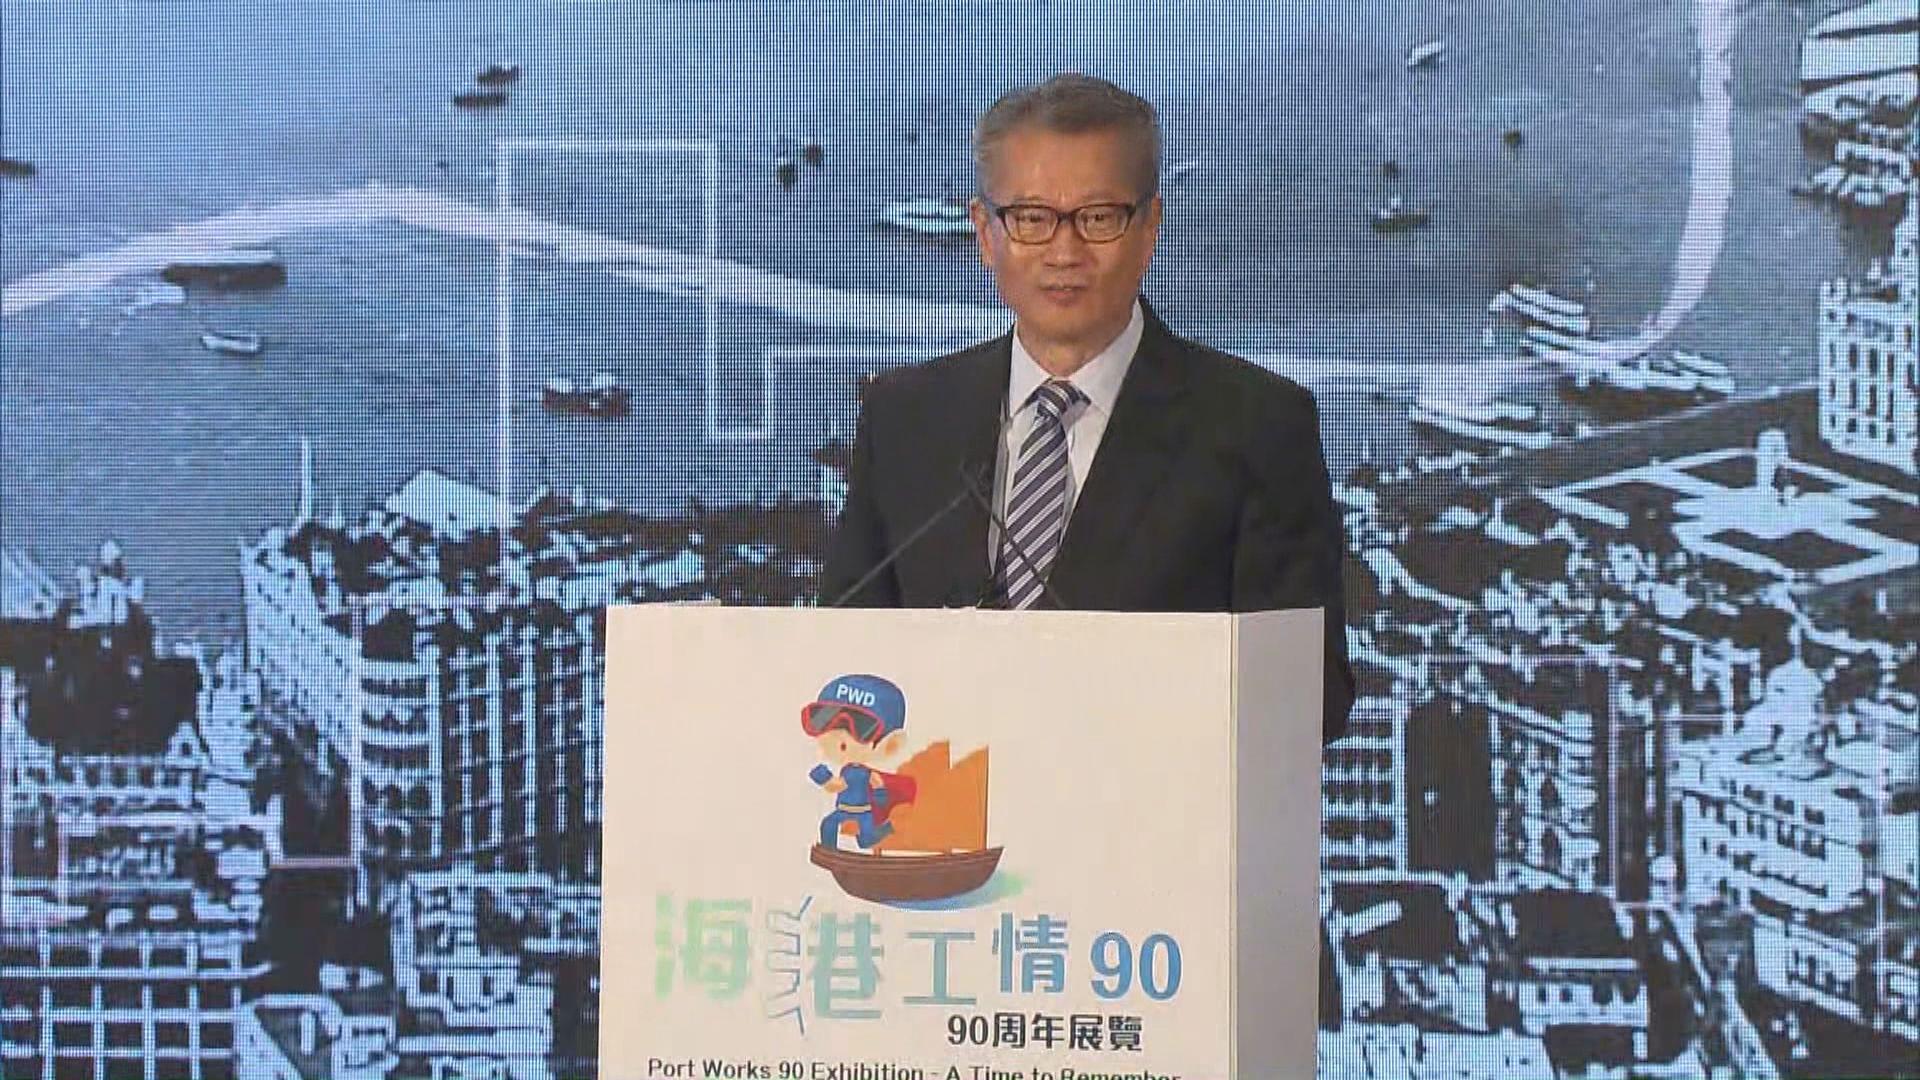 陳茂波:填海對解決居住問題起關鍵作用